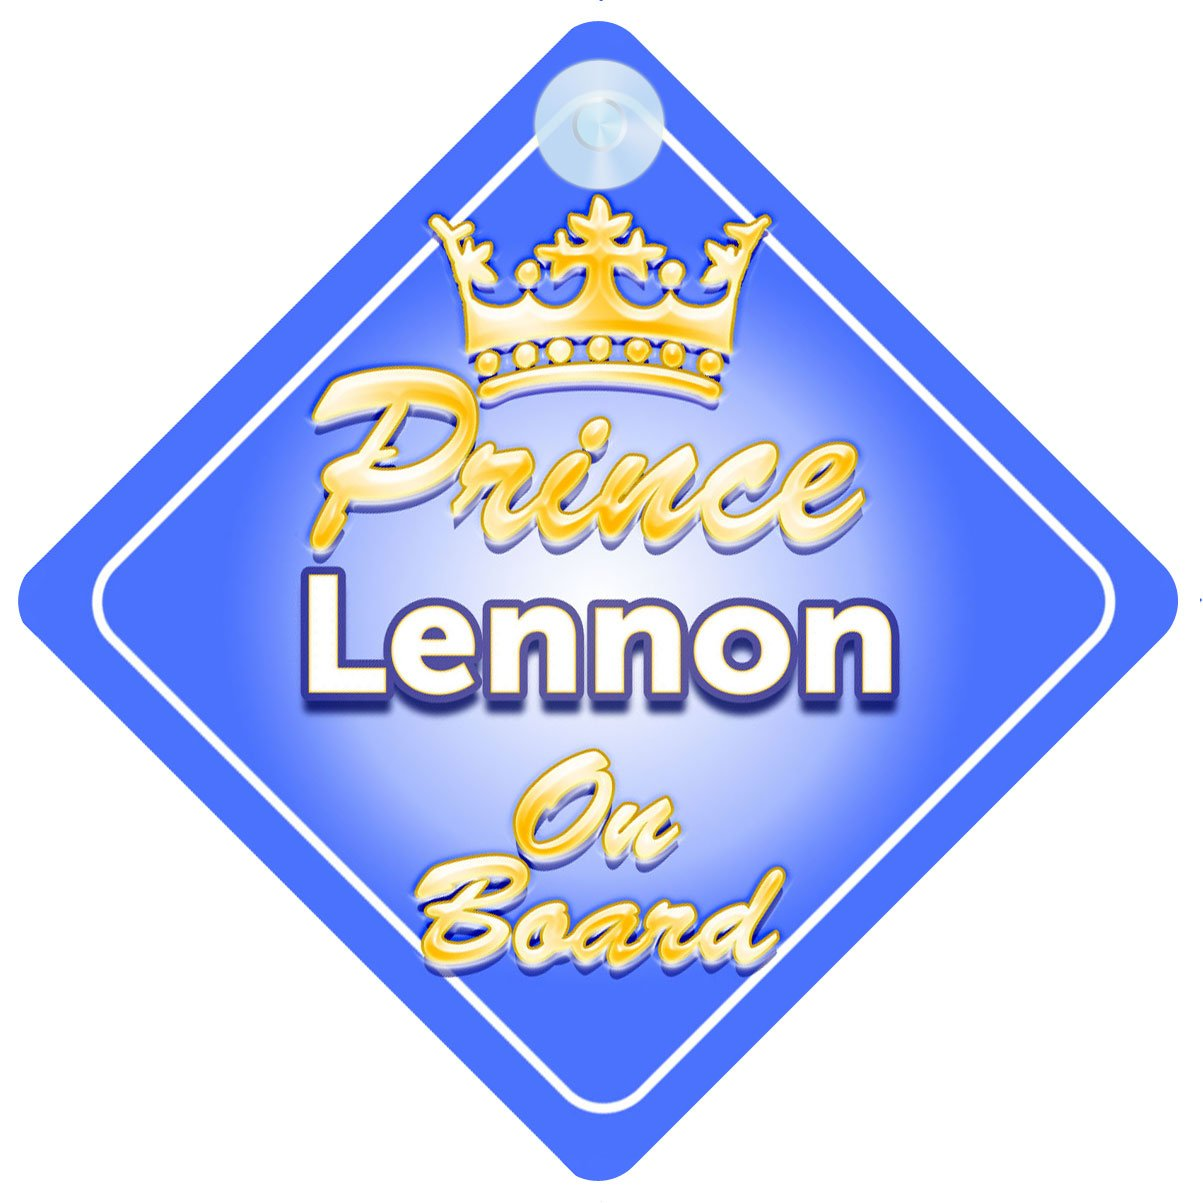 Crown Prince Lennon on Board Personnalis/é pour b/éb/é//enfant gar/çons voiture Panneau